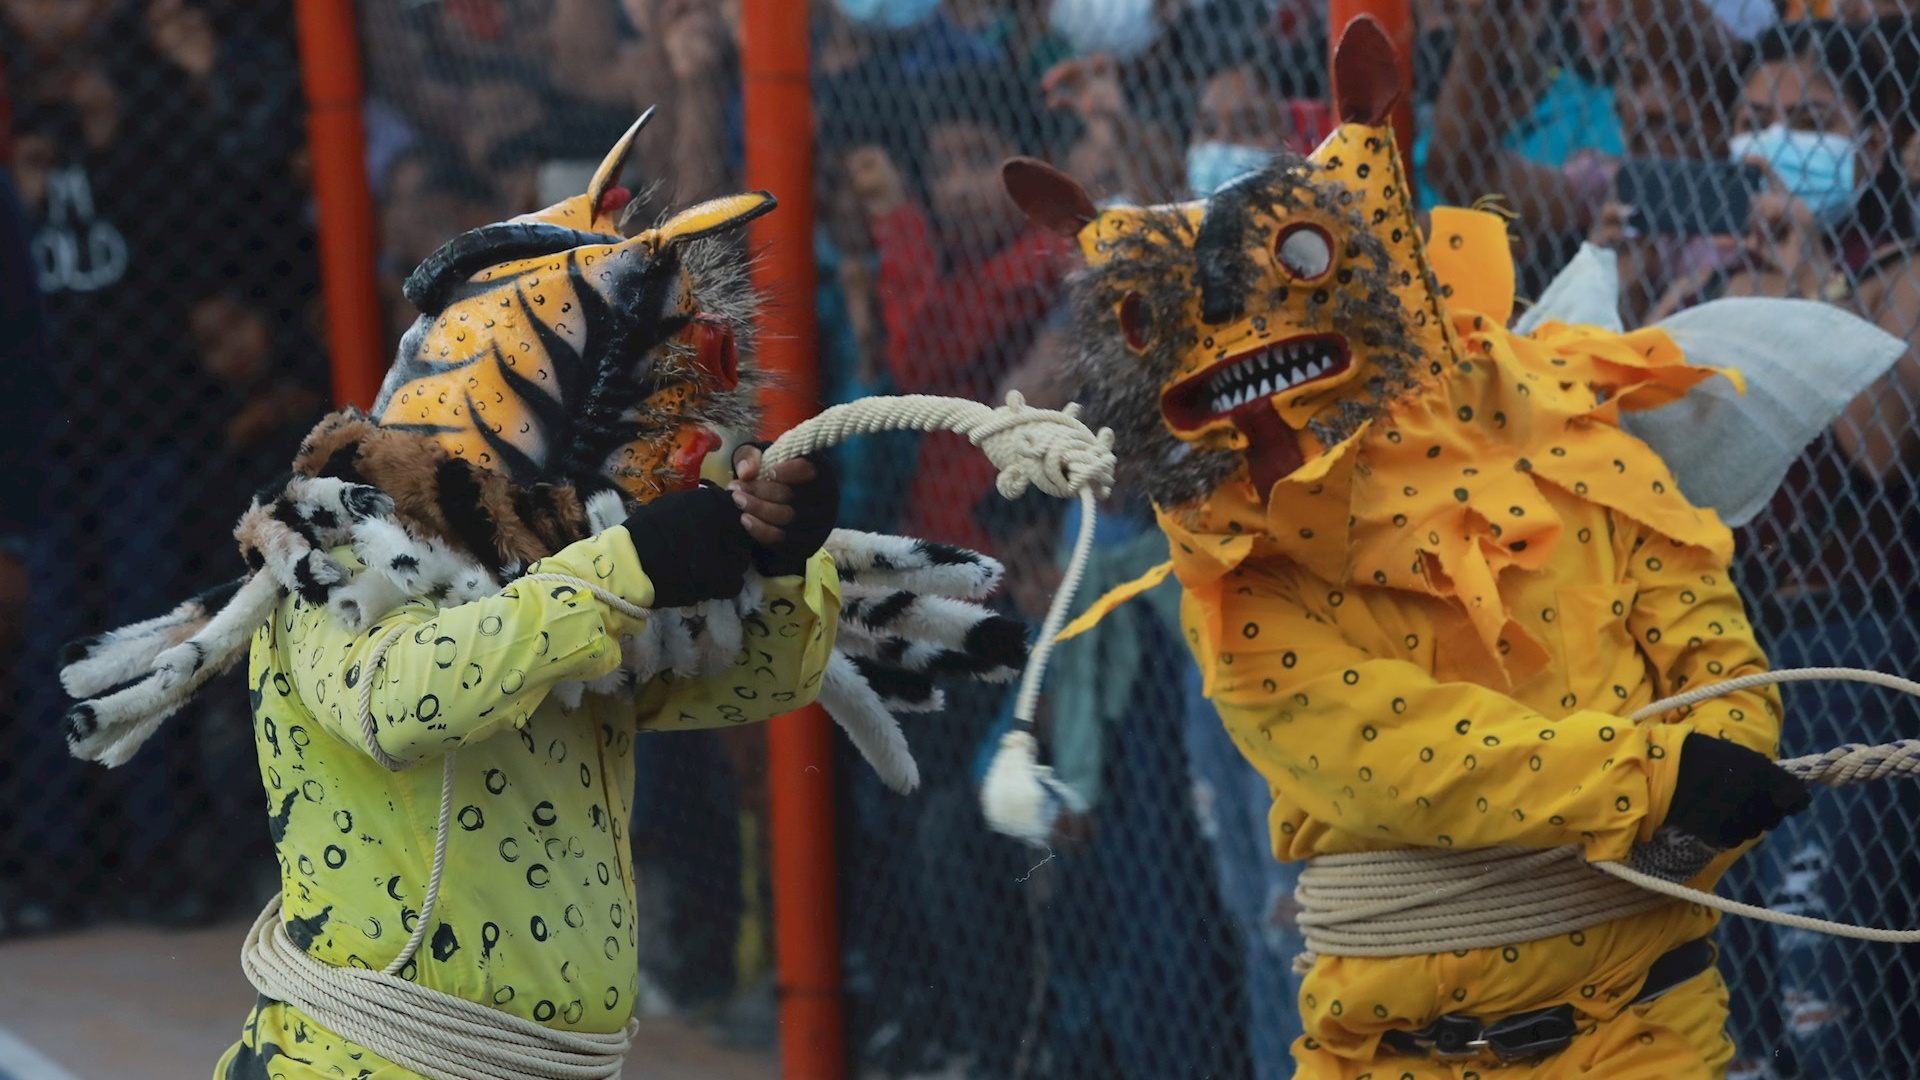 """Habitantes se reúnen hoy, para realizar """"La pelea de tigres"""" un ritual por la lluvia, en la comunidad Zitlala, estado de Guerrero (México). Foto de EFE/David Guzmán"""